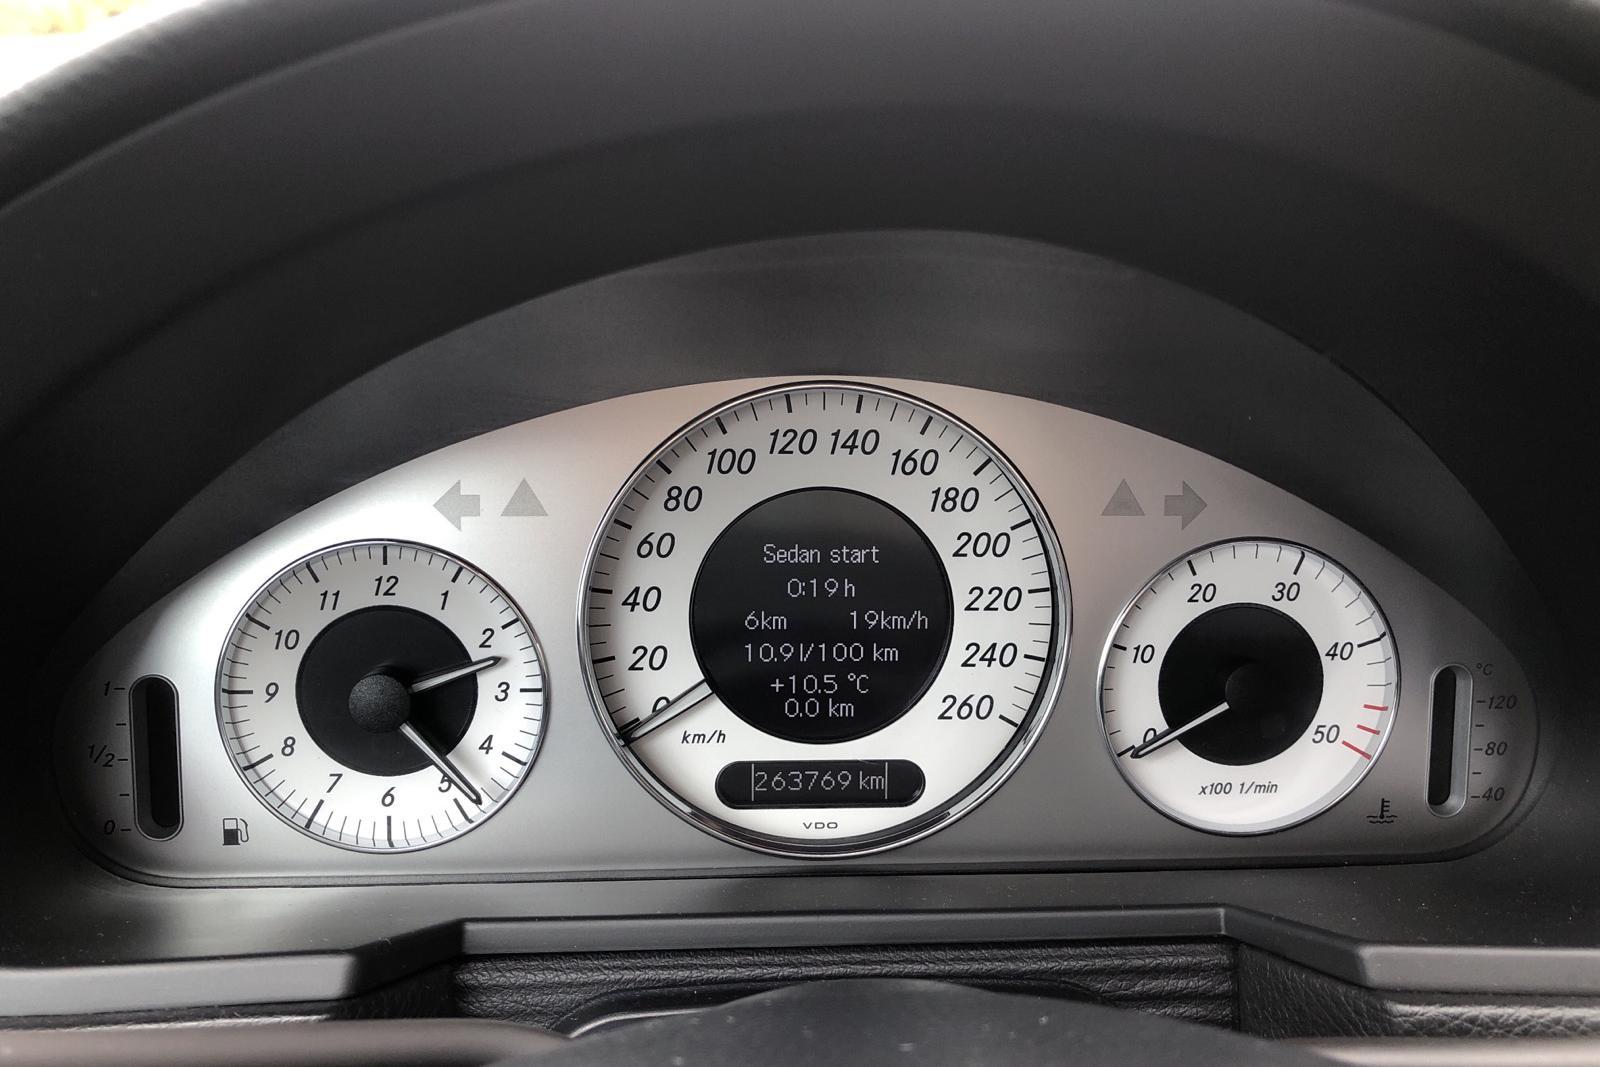 Mercedes E 220 CDI Kombi W211 (170hk) - 269 000 km - Automatic - black - 2010